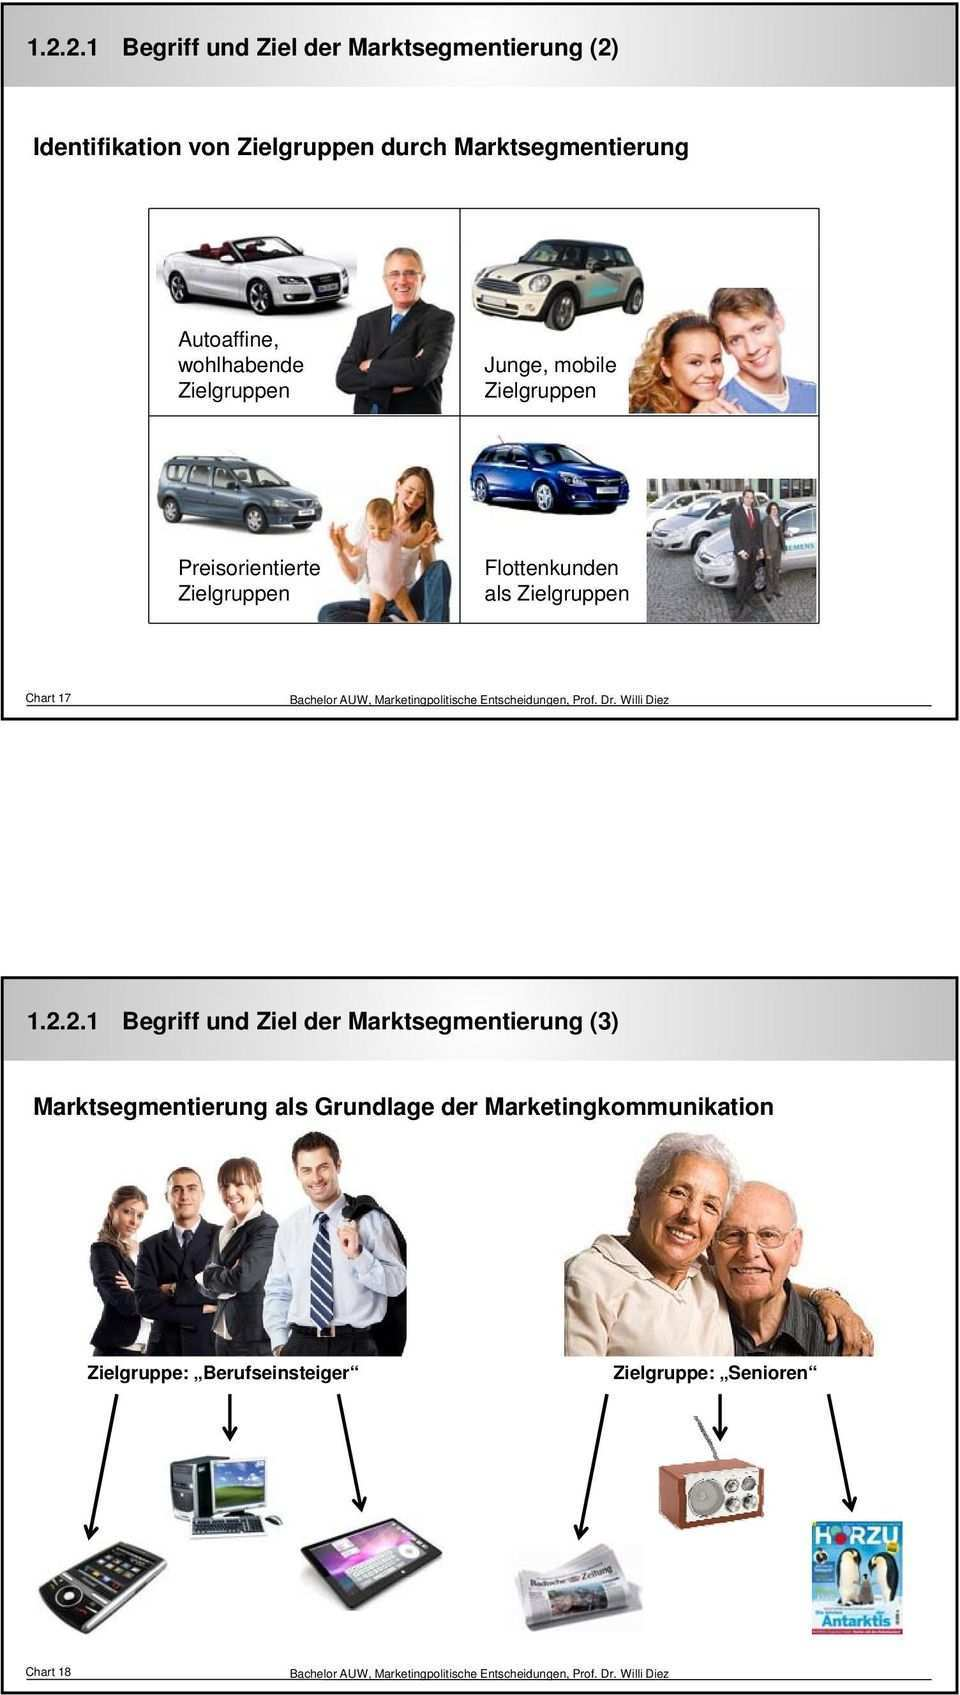 Entscheidungen Vorlesung Bachelor Auw Prof Dr Willi Diez Inhalt Pdf Kostenfreier Download